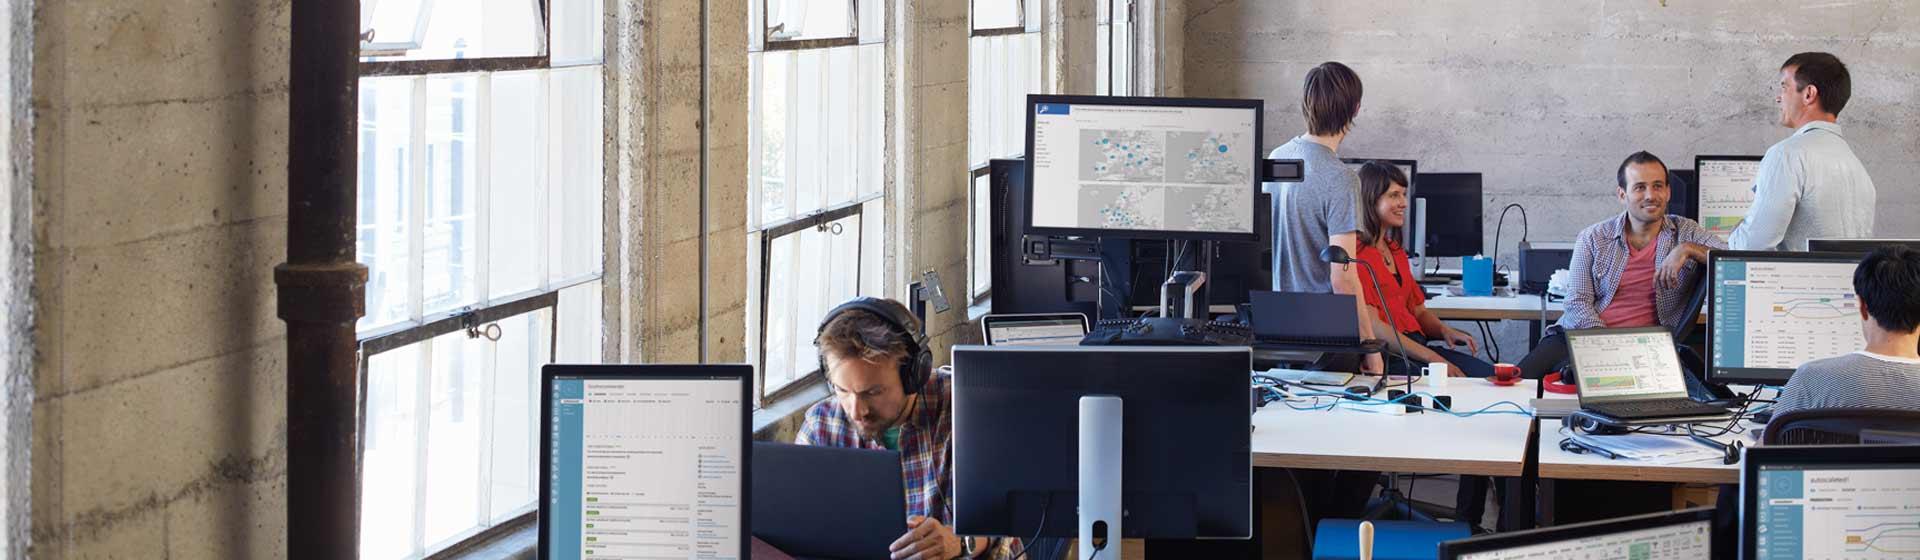 Un grupo de compañeros de trabajo sentados y de pie junto a sus mesas en una oficina repleta de ordenadores con una imagen de Office 365